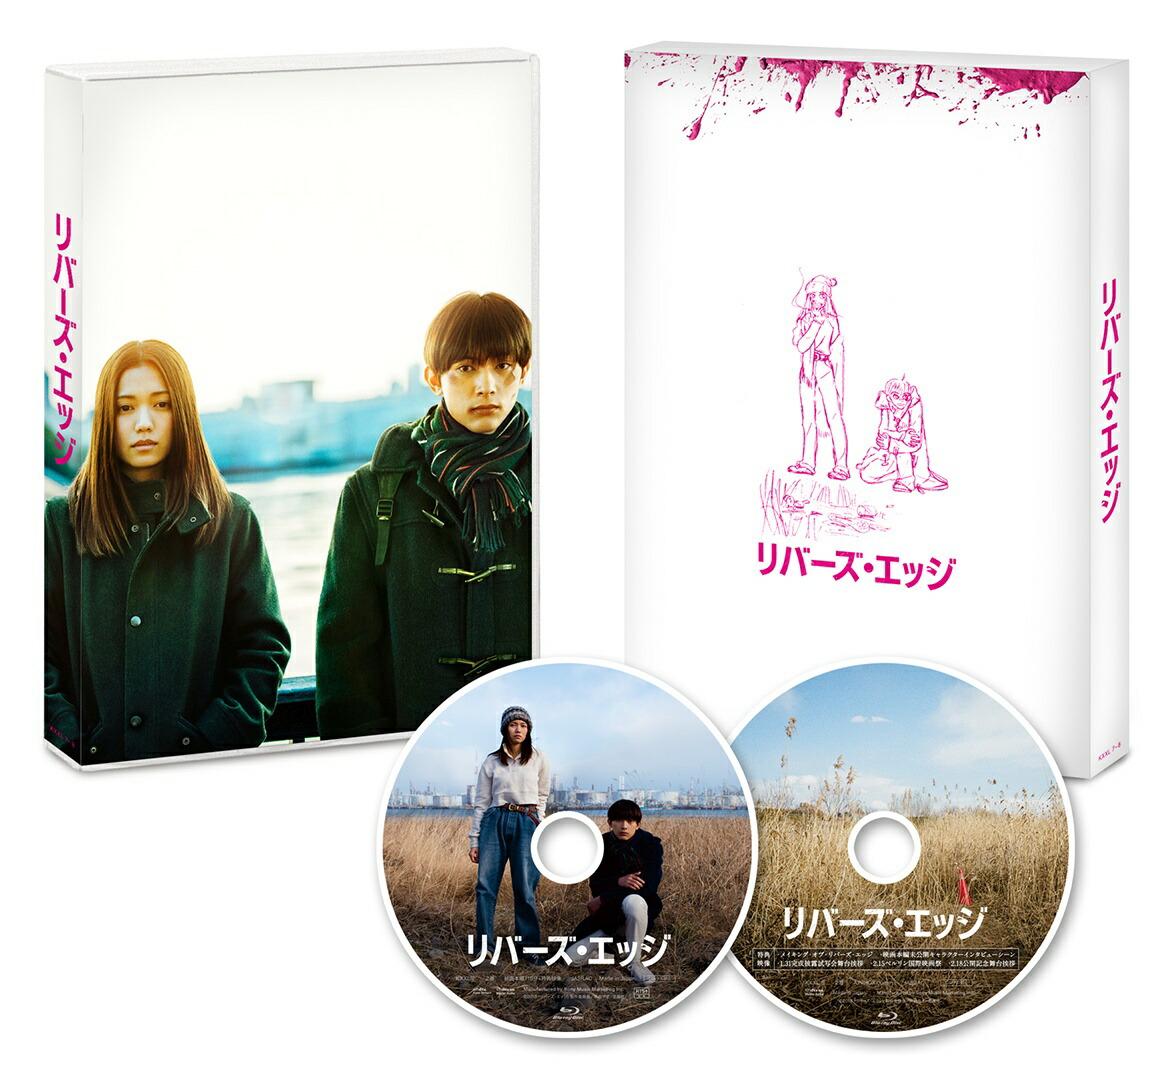 リバーズ・エッジ(初回生産限定盤)[KXXL-7/8][Blu-ray/ブルーレイ]